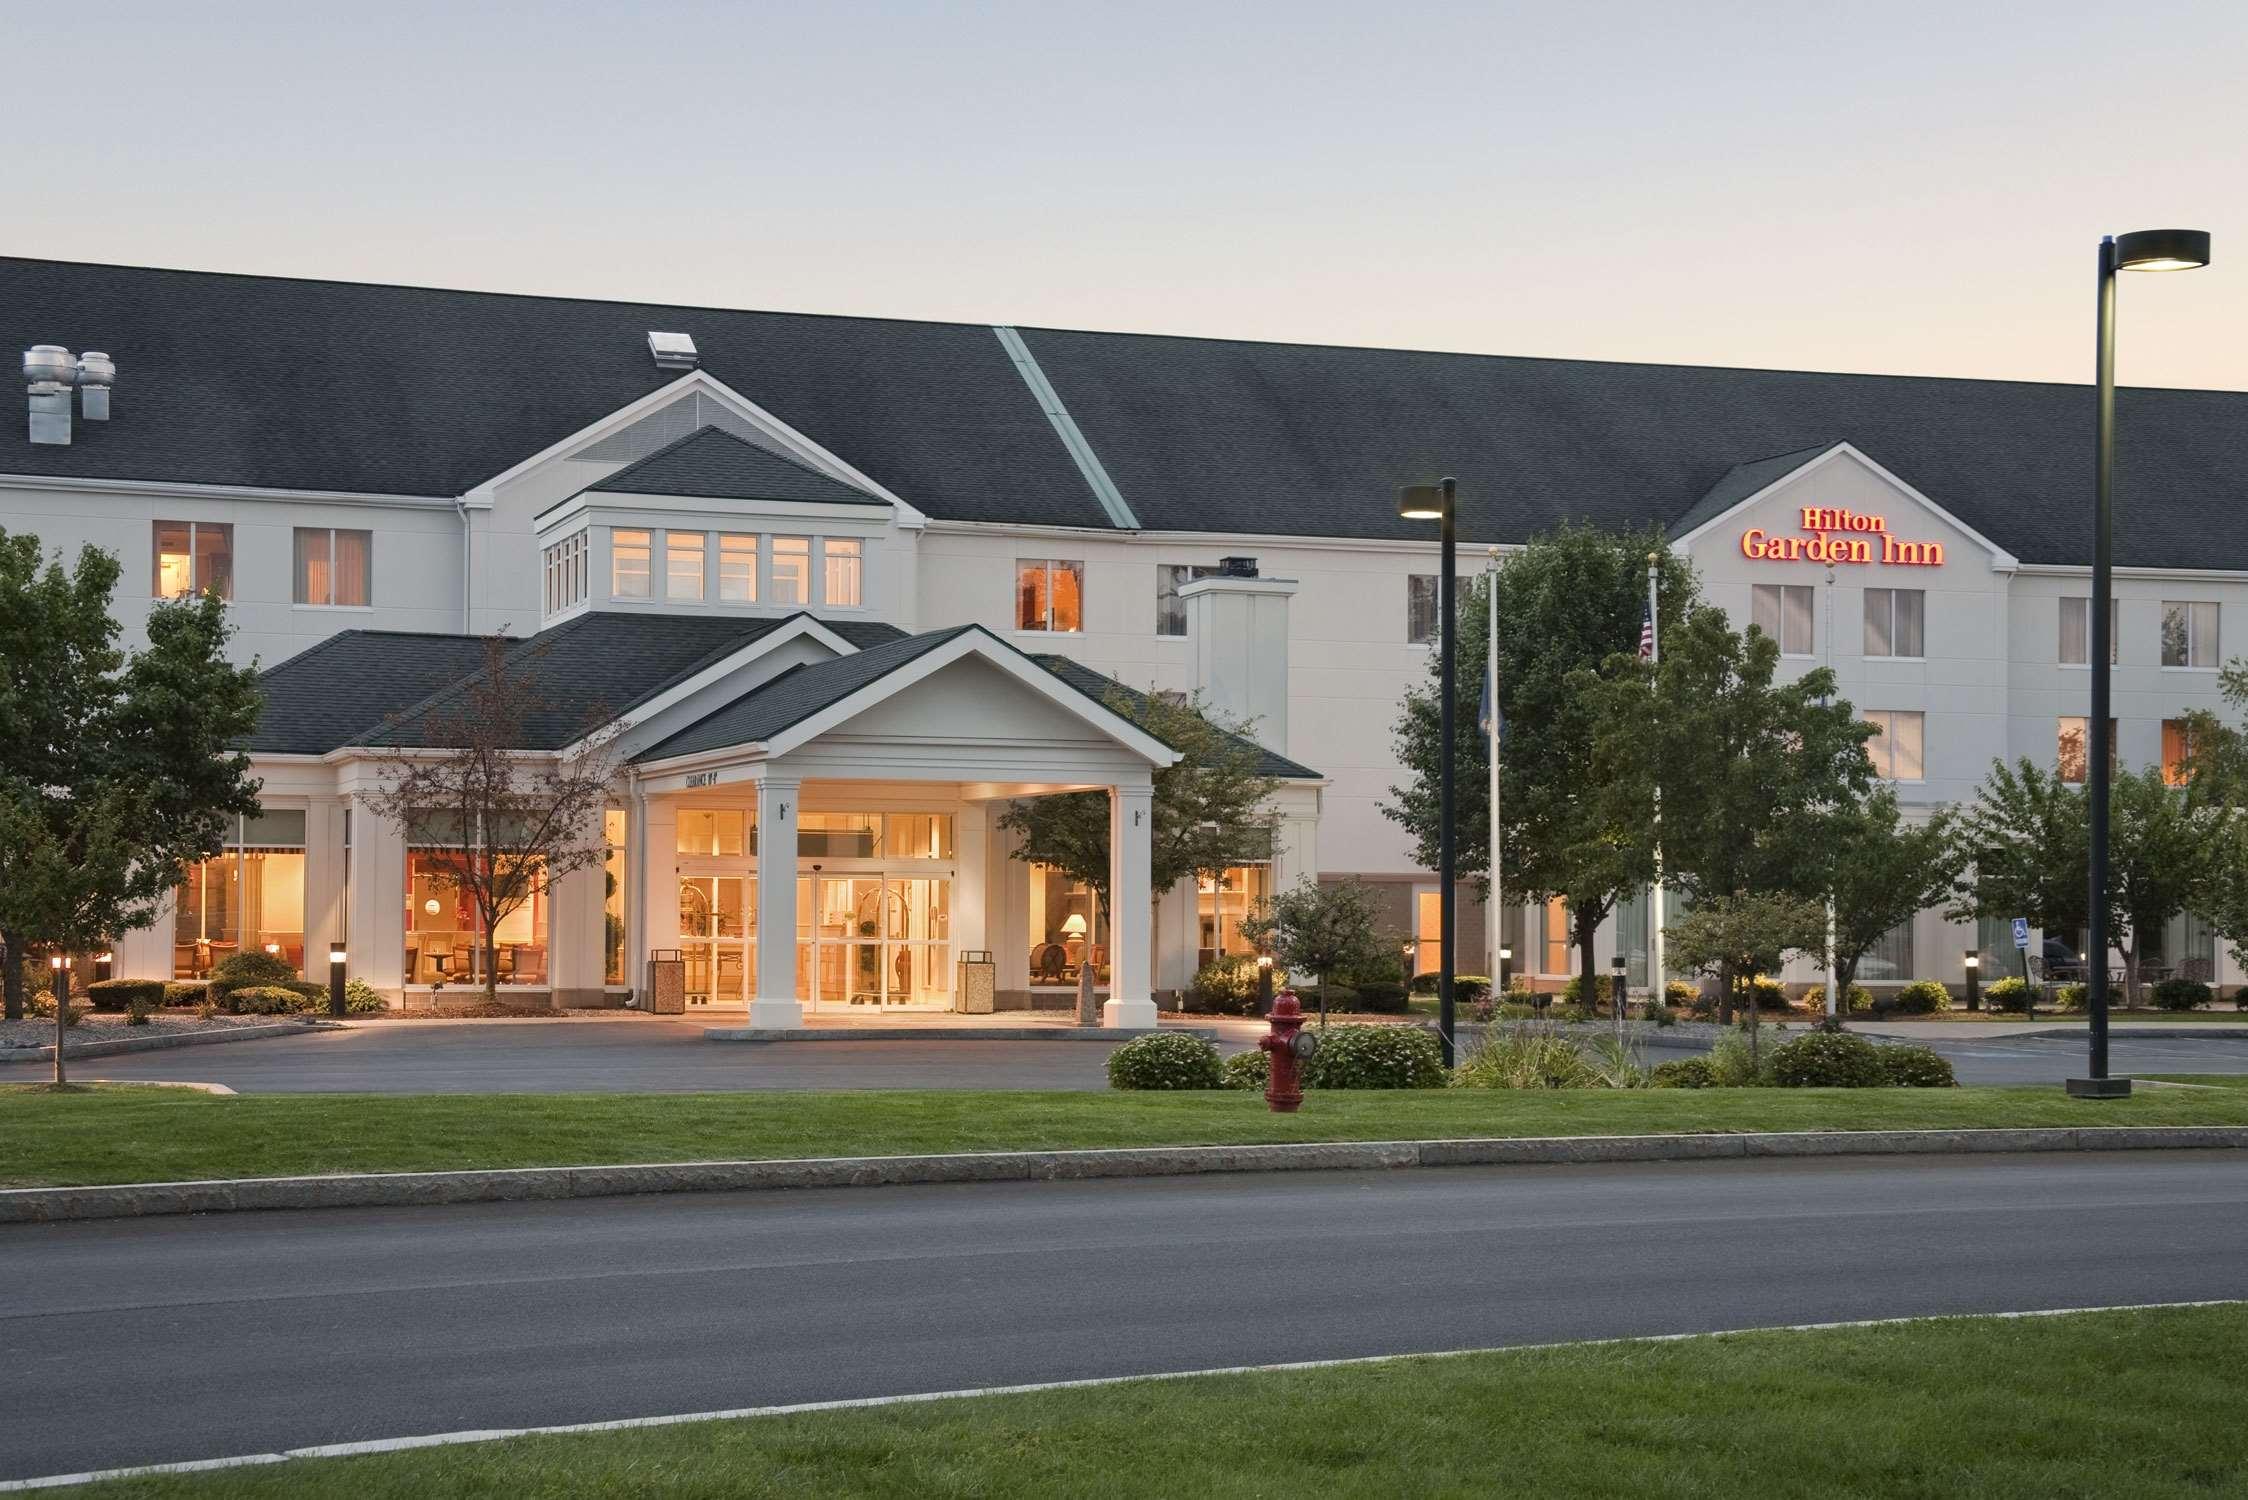 Hilton Garden Inn Syracuse image 1